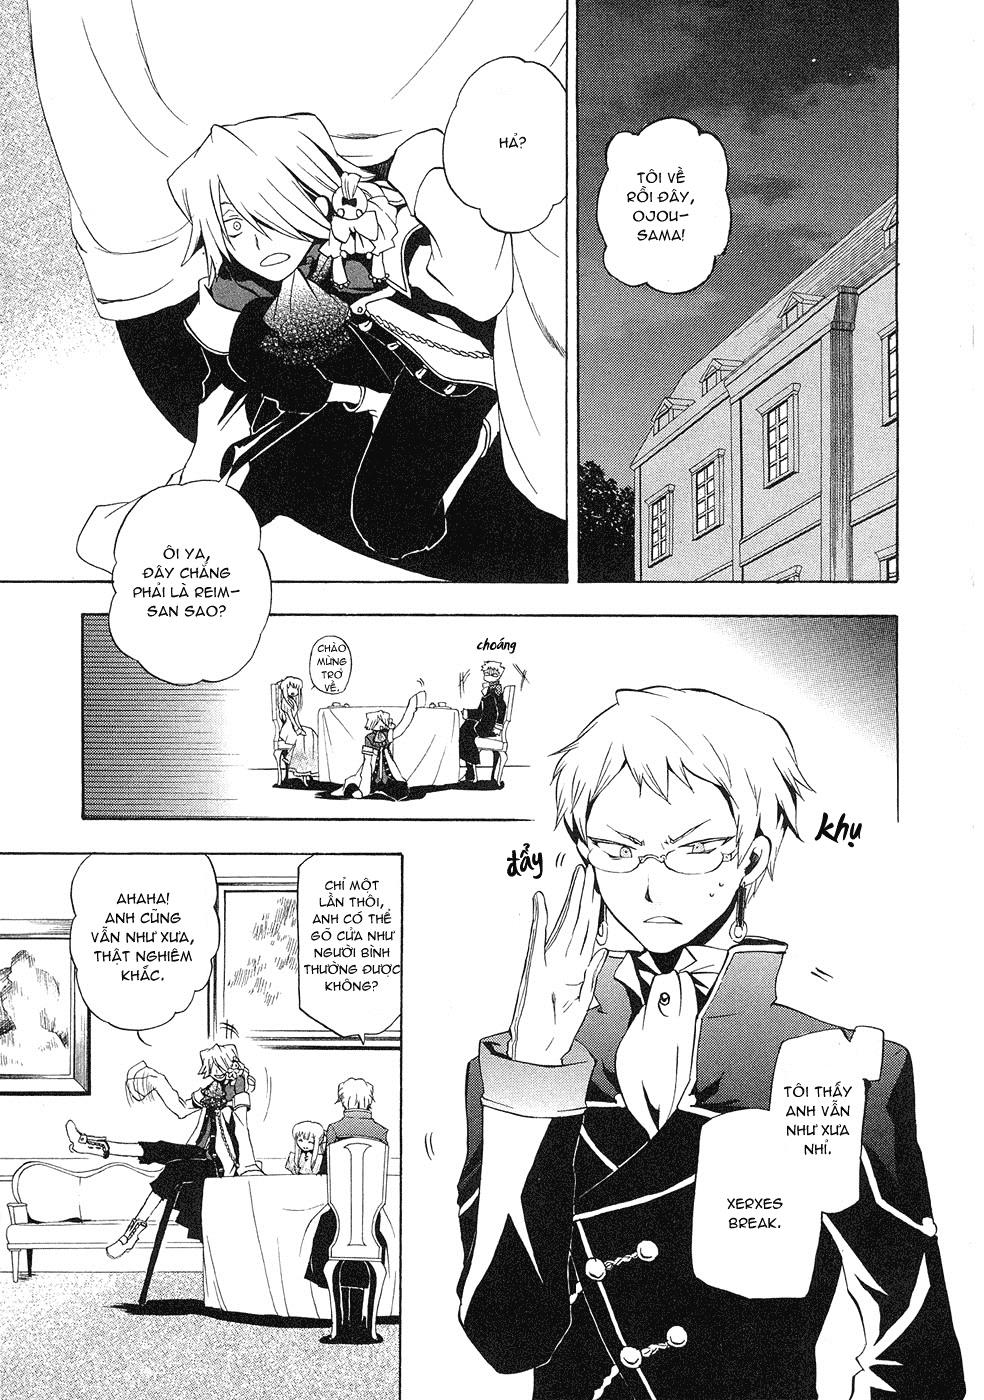 Pandora Hearts chương 011 - retrace: xi grim trang 4